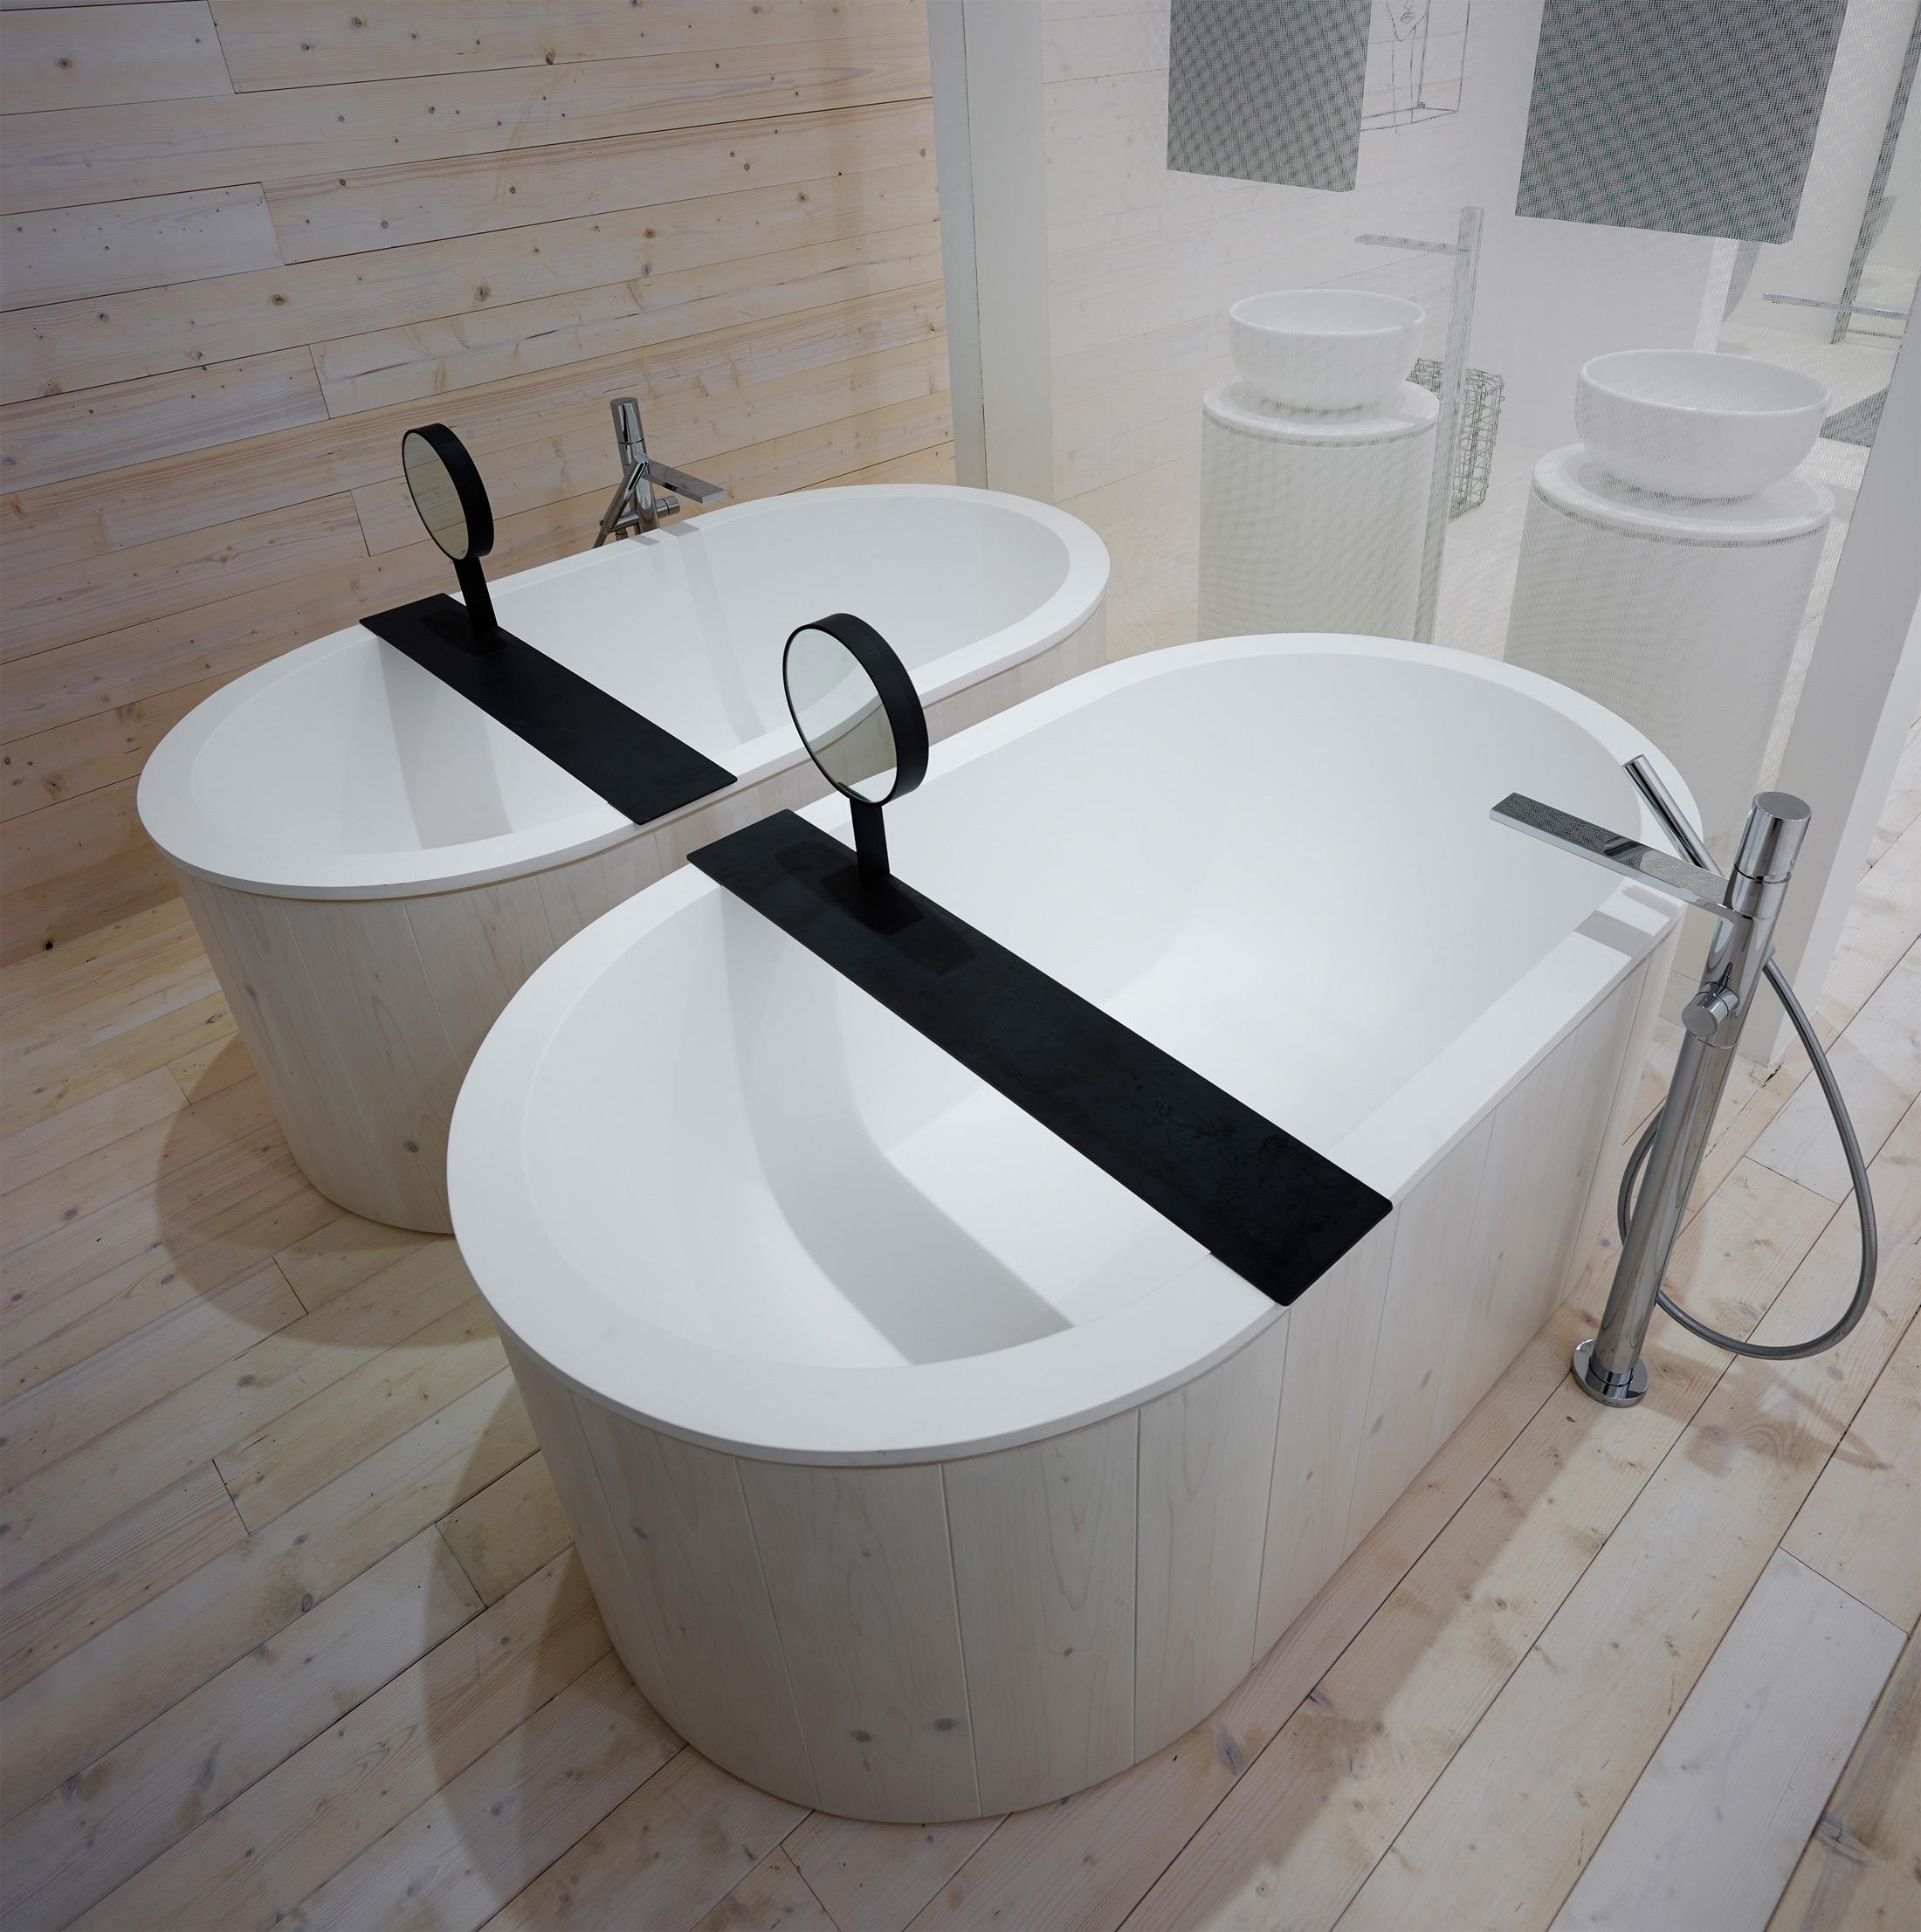 15 vasche da bagno piccole foto living corriere - Vasche da bagno piccole dimensioni ...